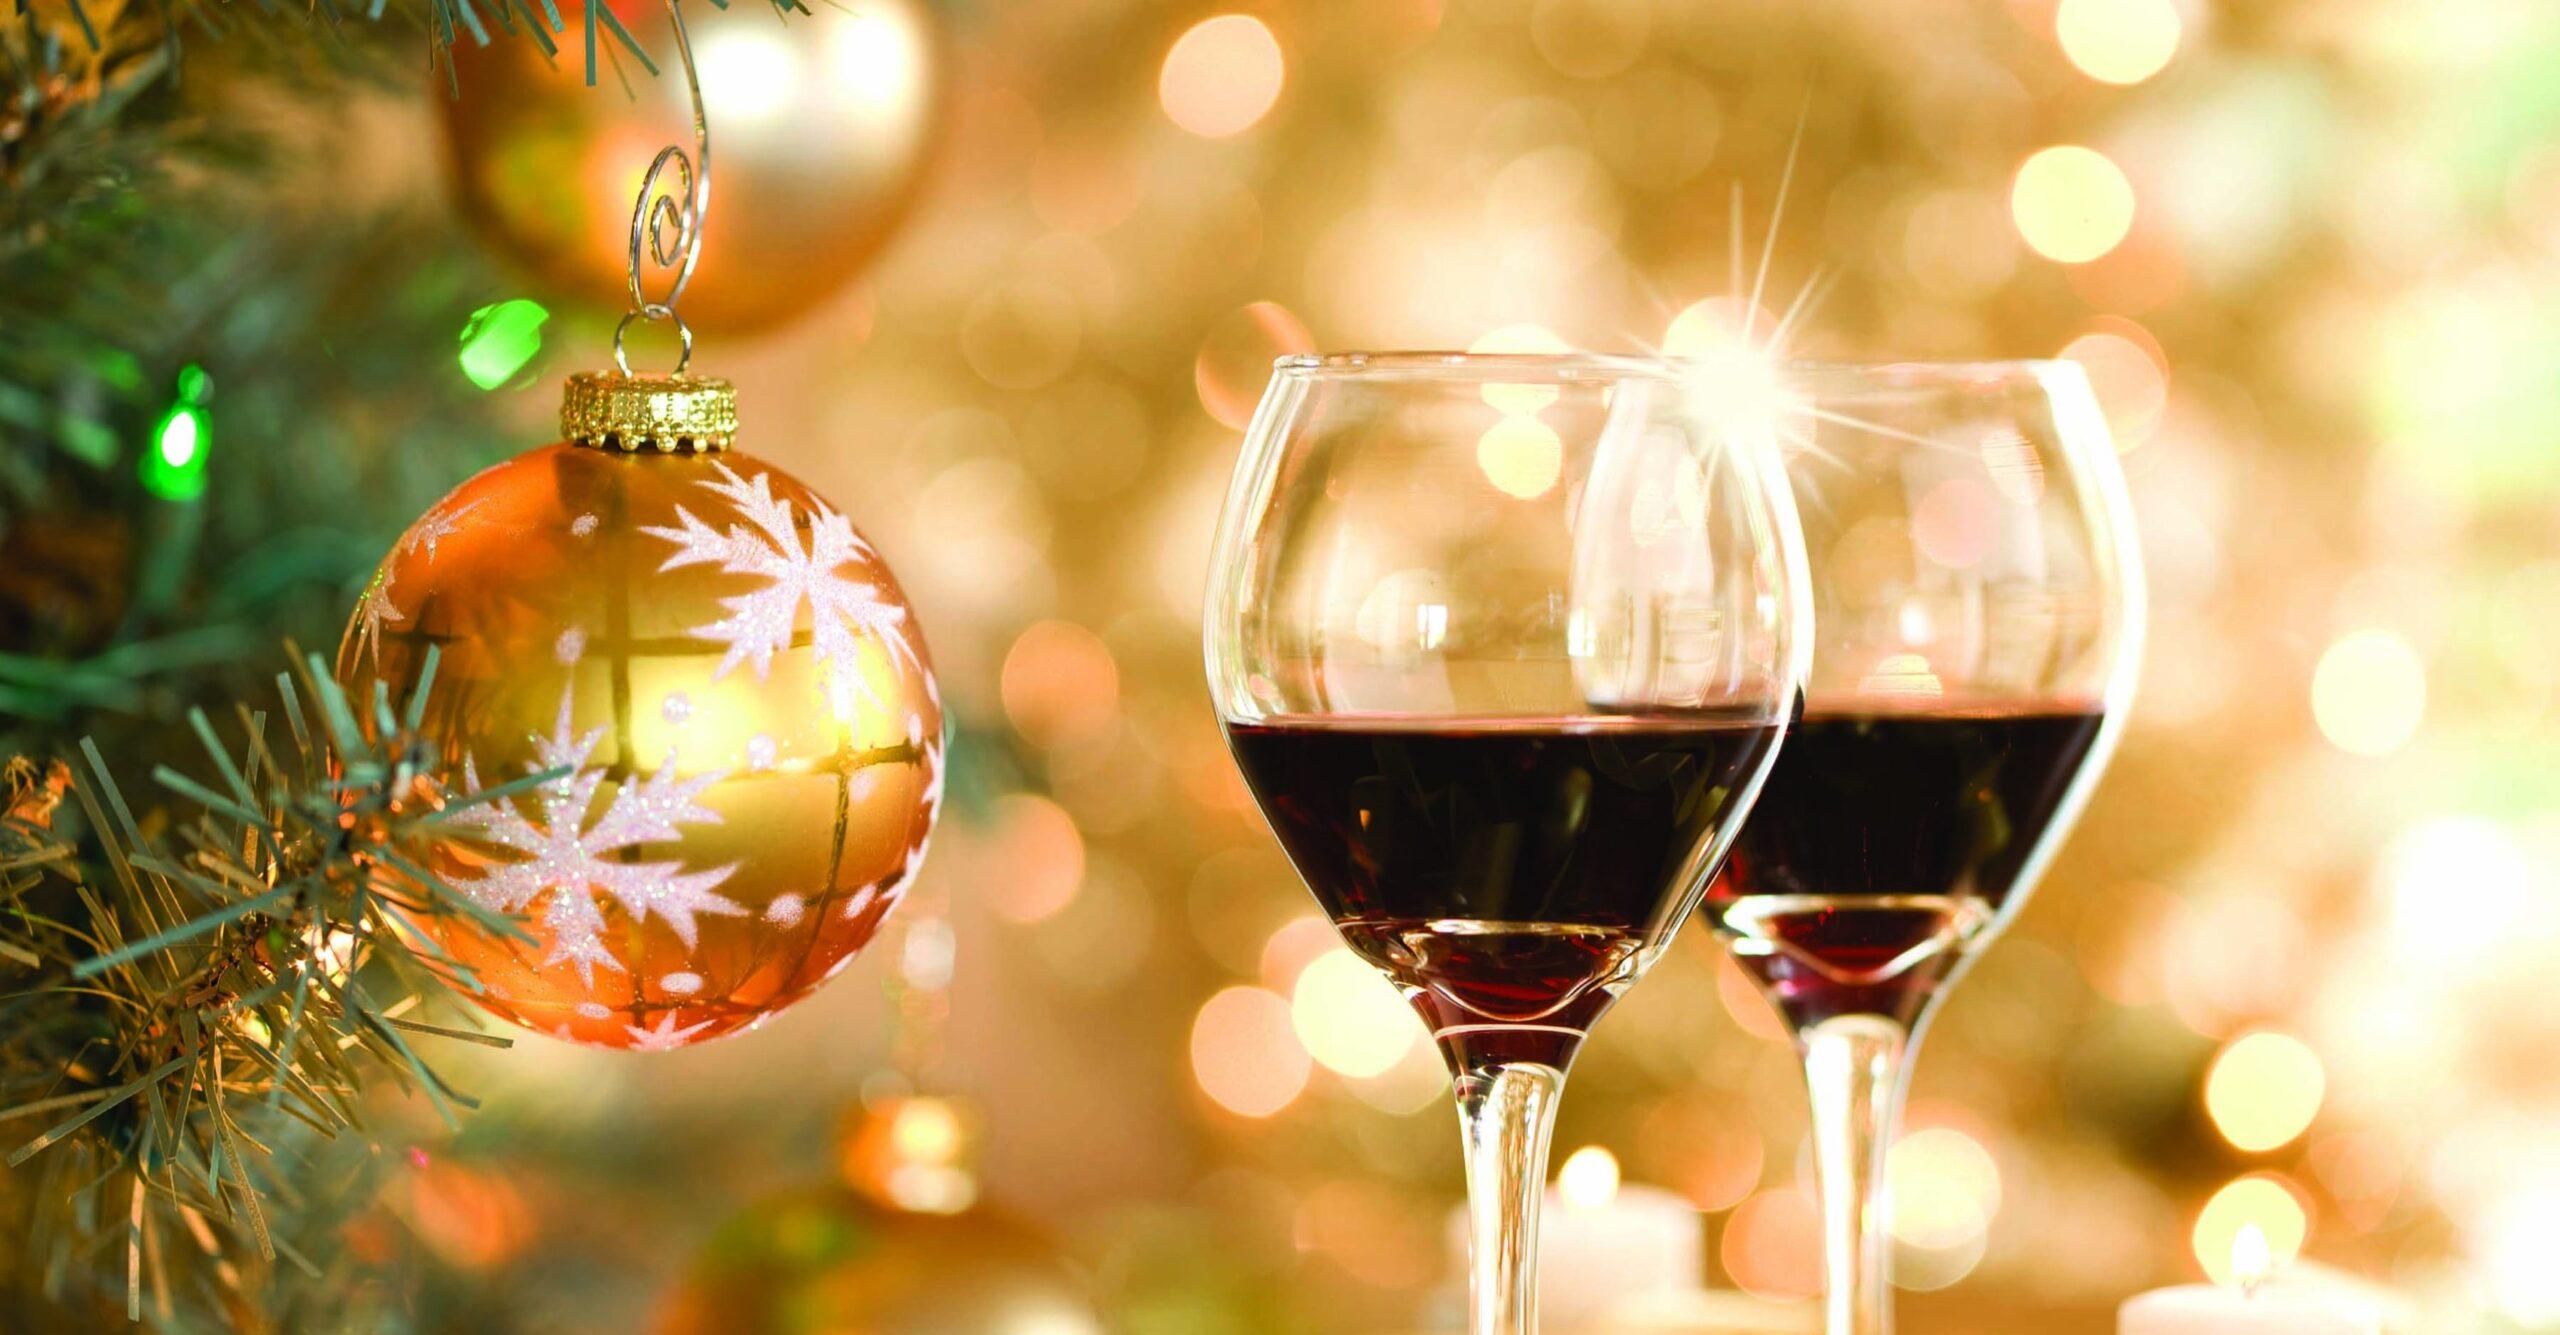 wijn-kerst-tips-feestdagen-fibromyalgie